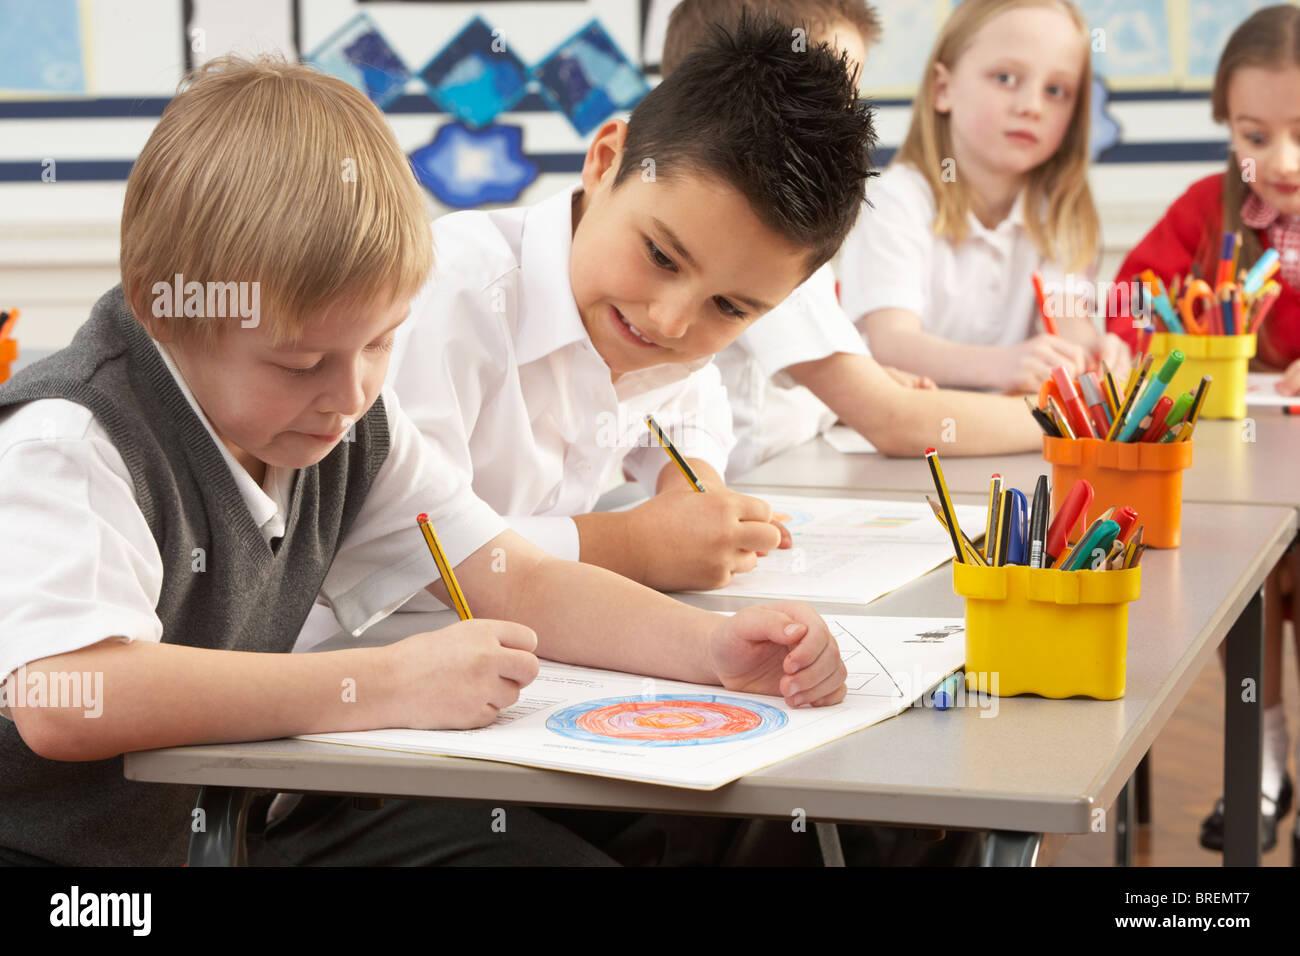 Scrivania Per Bambini Elementari : Un gruppo di bambini delle scuole elementari in classe funzionante